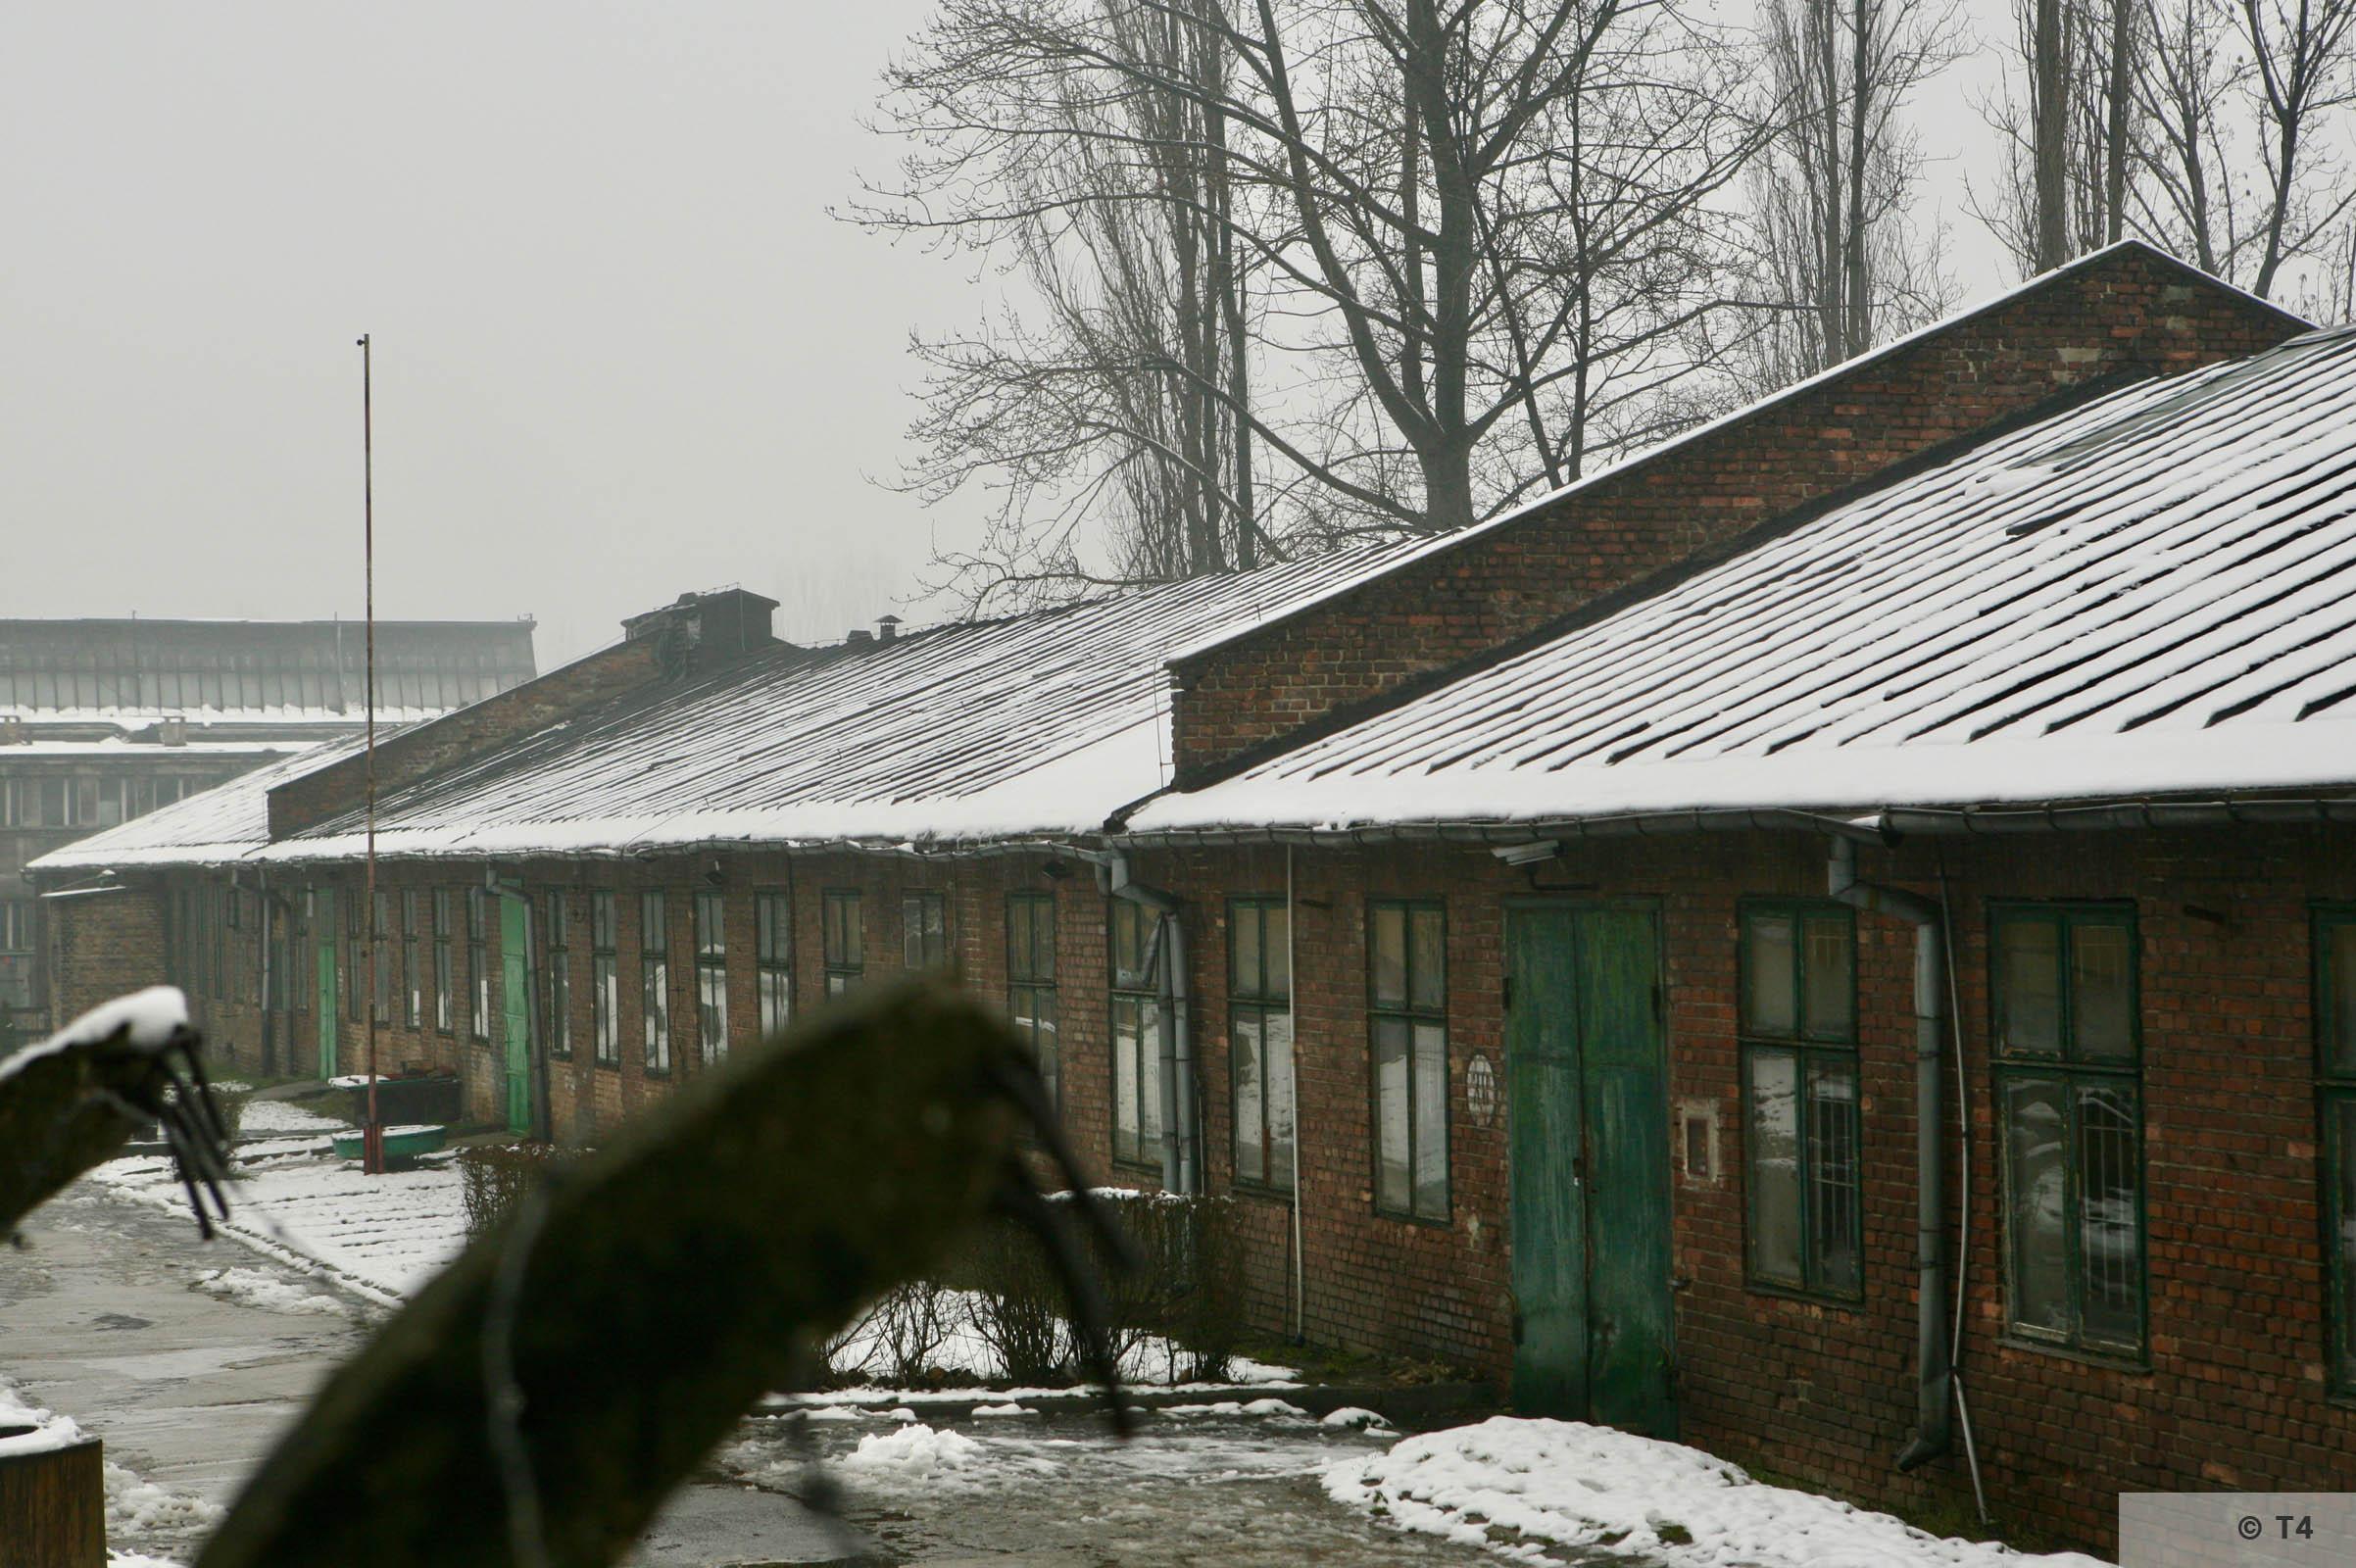 Zgoda steel plant. 2007 T4 5642